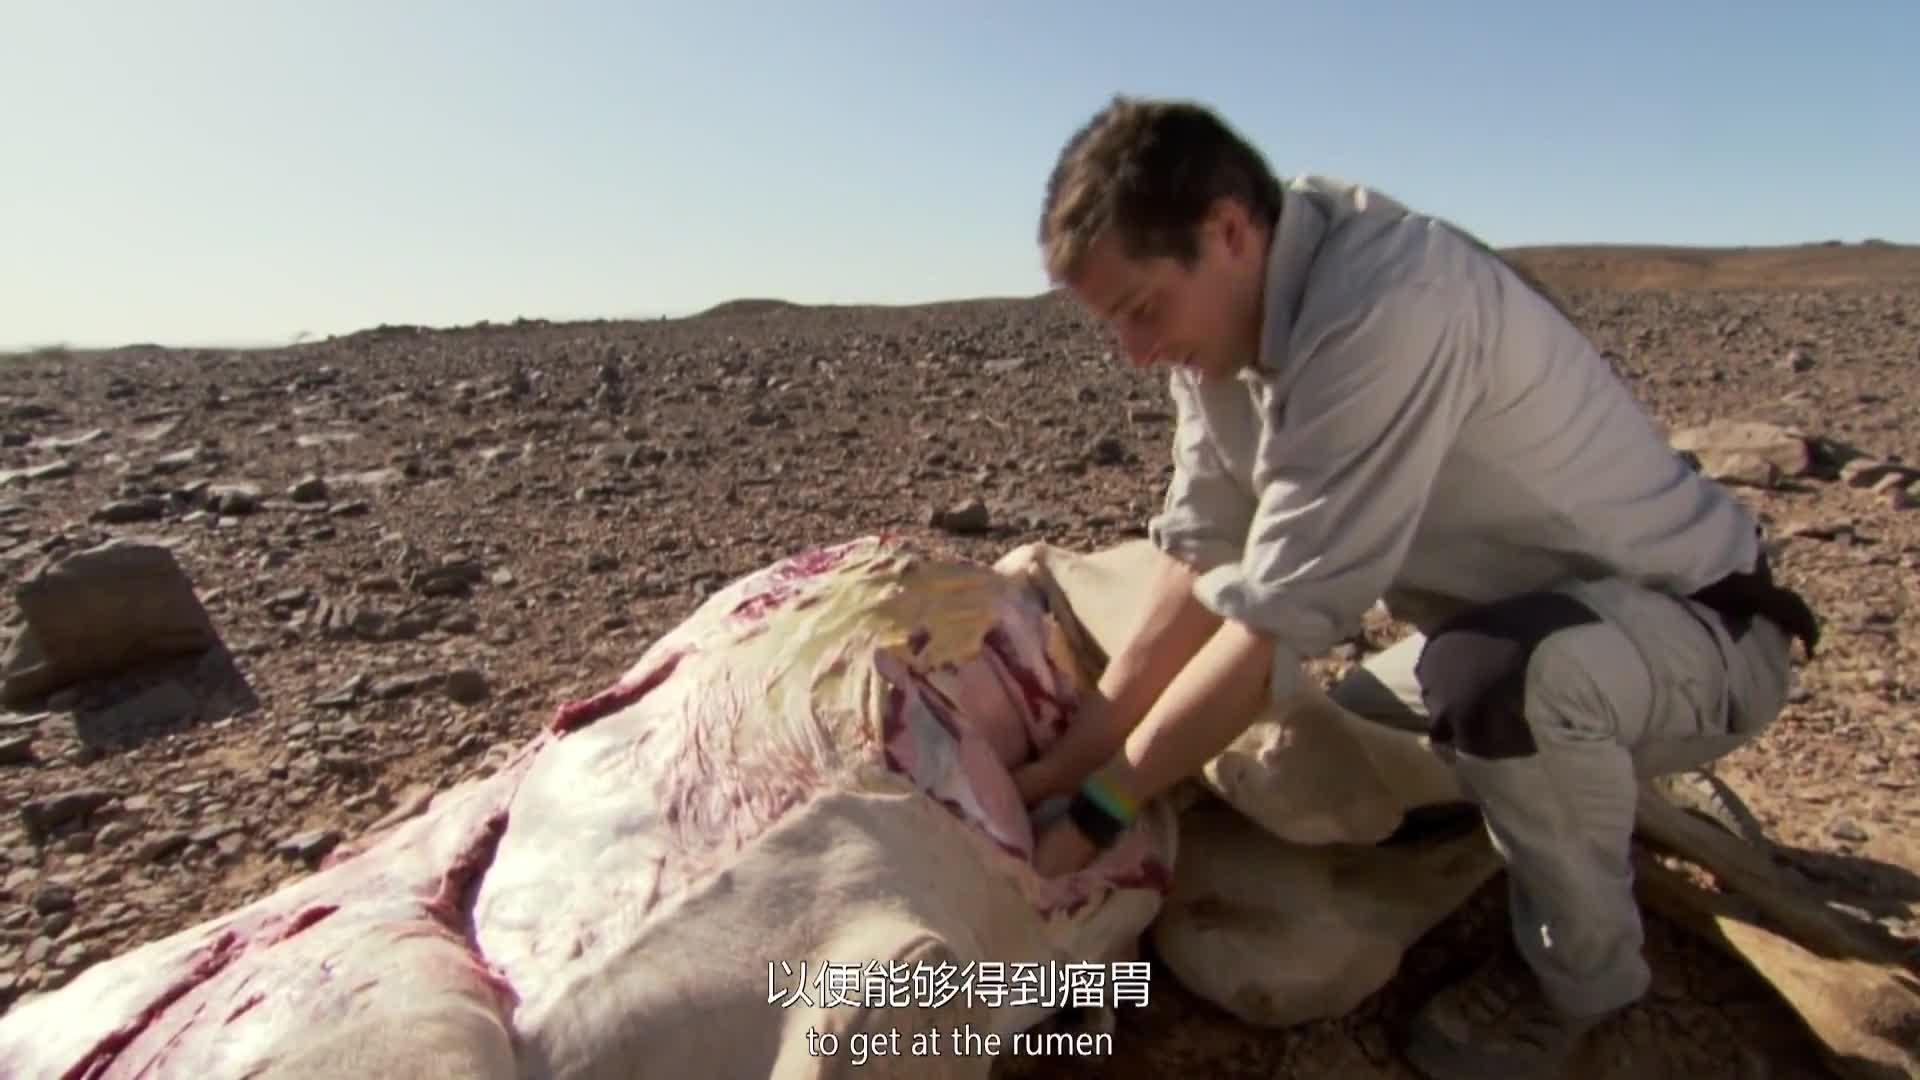 贝尔竟然打开死过骆驼我胃,从胃里找东西吃